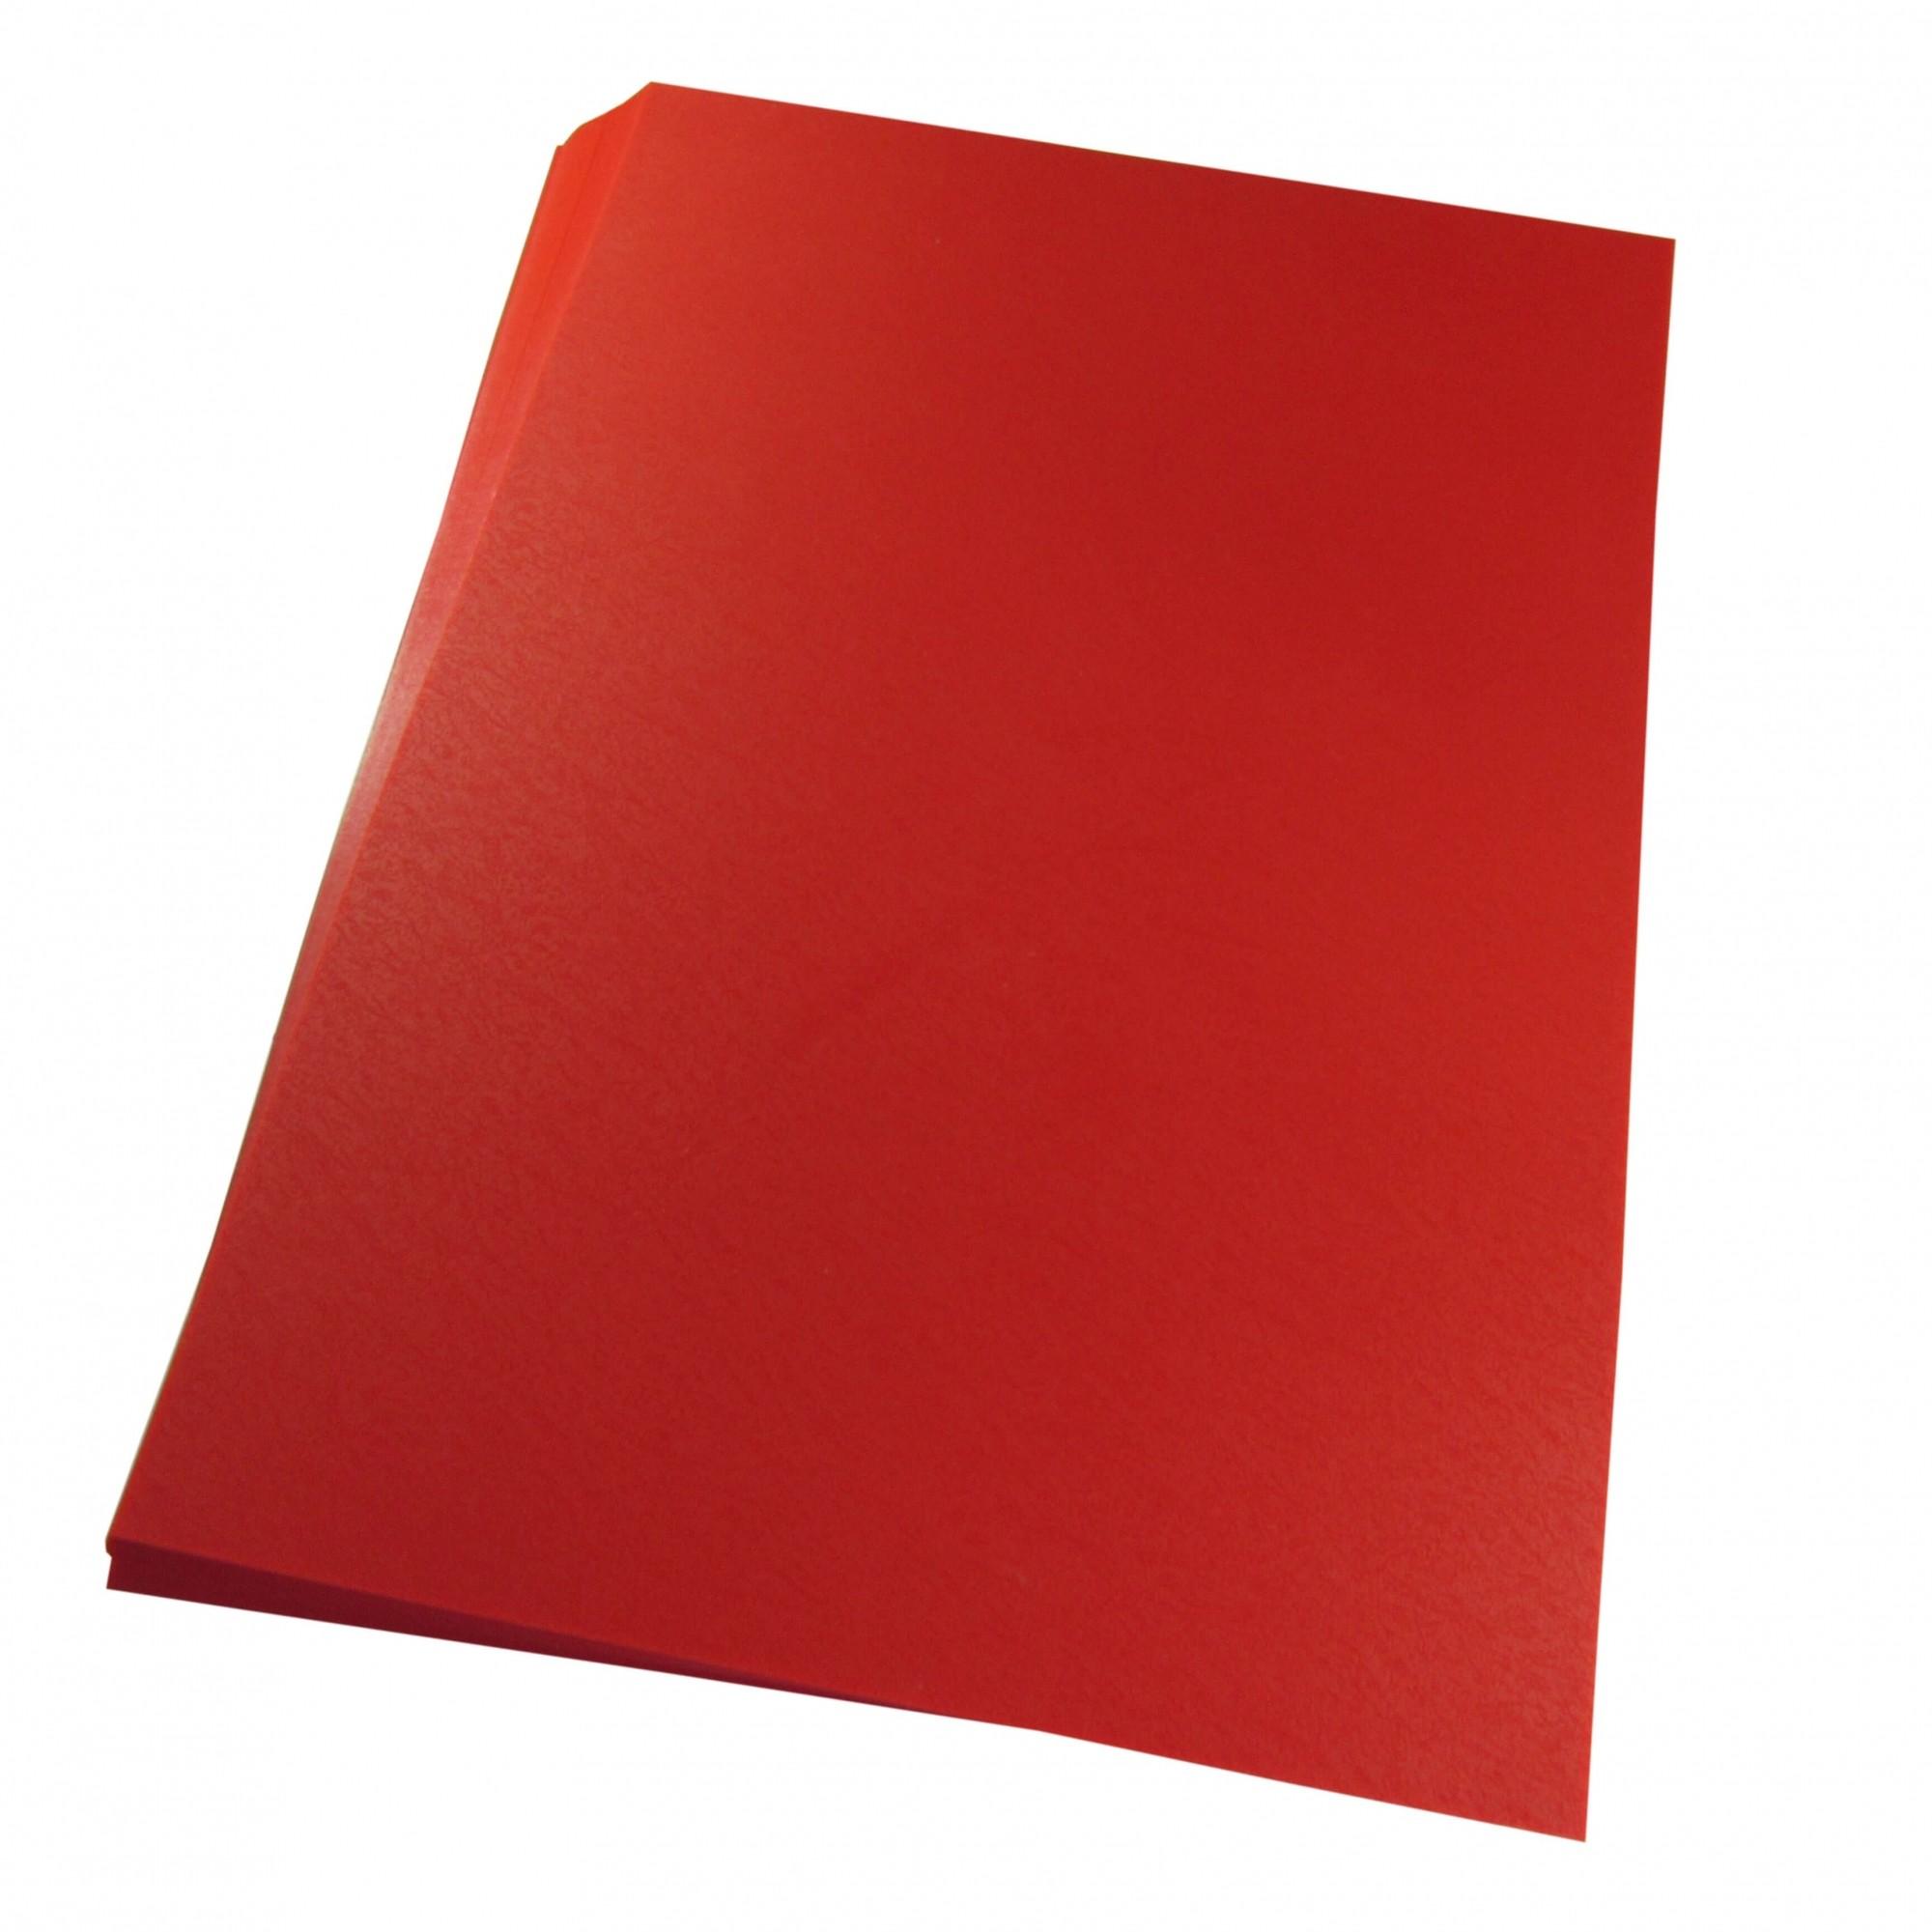 Capa para Encadernação A3 Vermelho Couro Fundo PP 0,30 100un